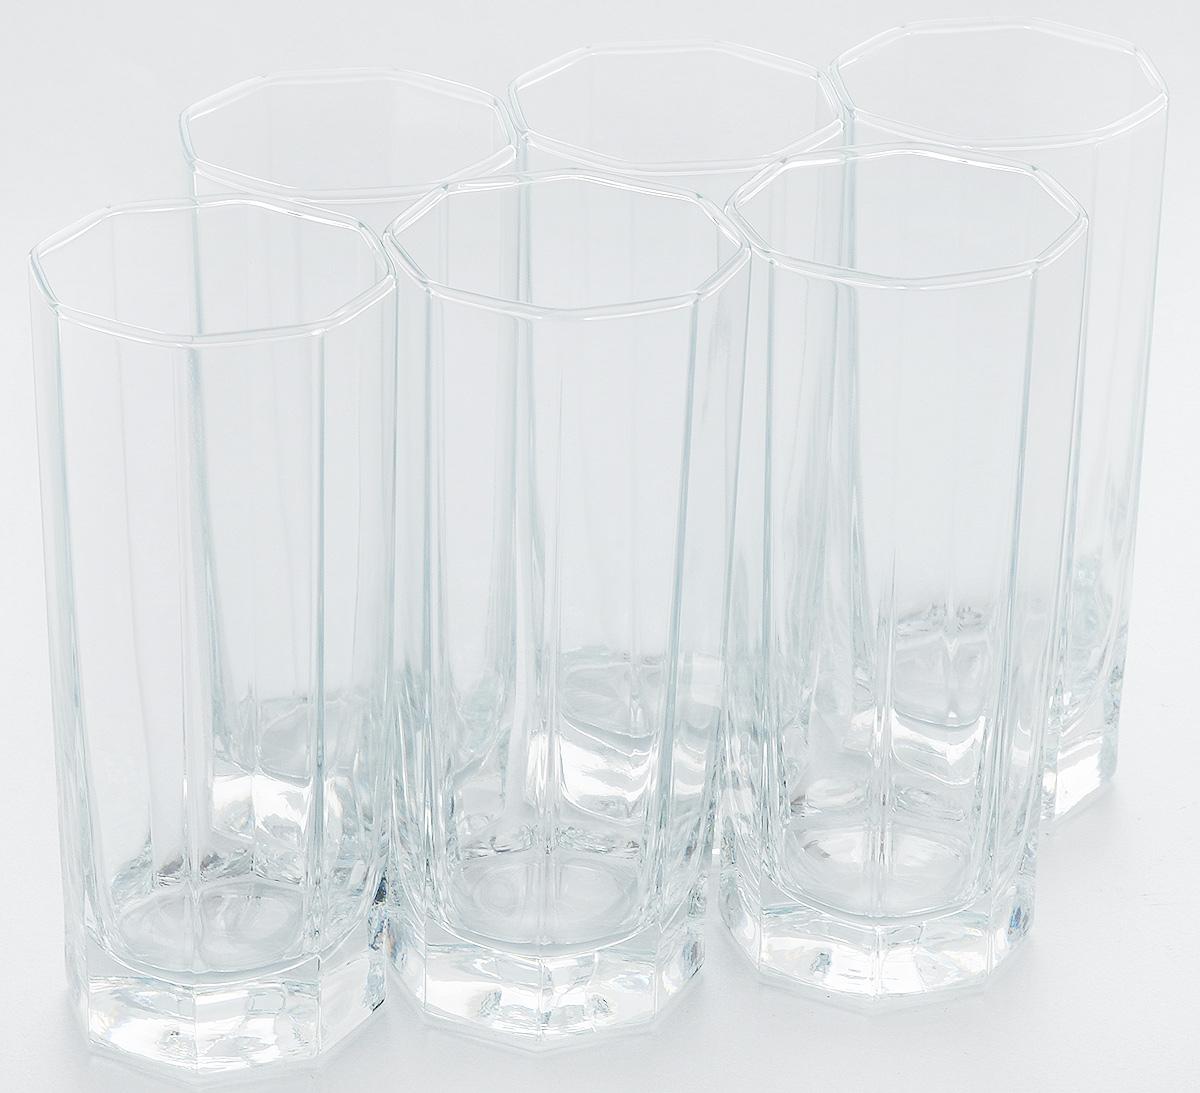 Набор стаканов для коктейлей Pasabahce Kosem, 264 мл, 6 штVT-1520(SR)Набор Pasabahce, состоящий из шести стаканов, несомненно, придется вам по душе. Стаканы предназначены для подачи коктейлей, сока, воды и других напитков. Они изготовлены из прочного высококачественного прозрачного стекла и сочетают в себе элегантный дизайн и функциональность. Благодаря такому набору пить напитки будет еще вкуснее.Набор стаканов Pasabahce идеально подойдет для сервировки стола и станет отличным подарком к любому празднику.Высота стакана: 14 см.